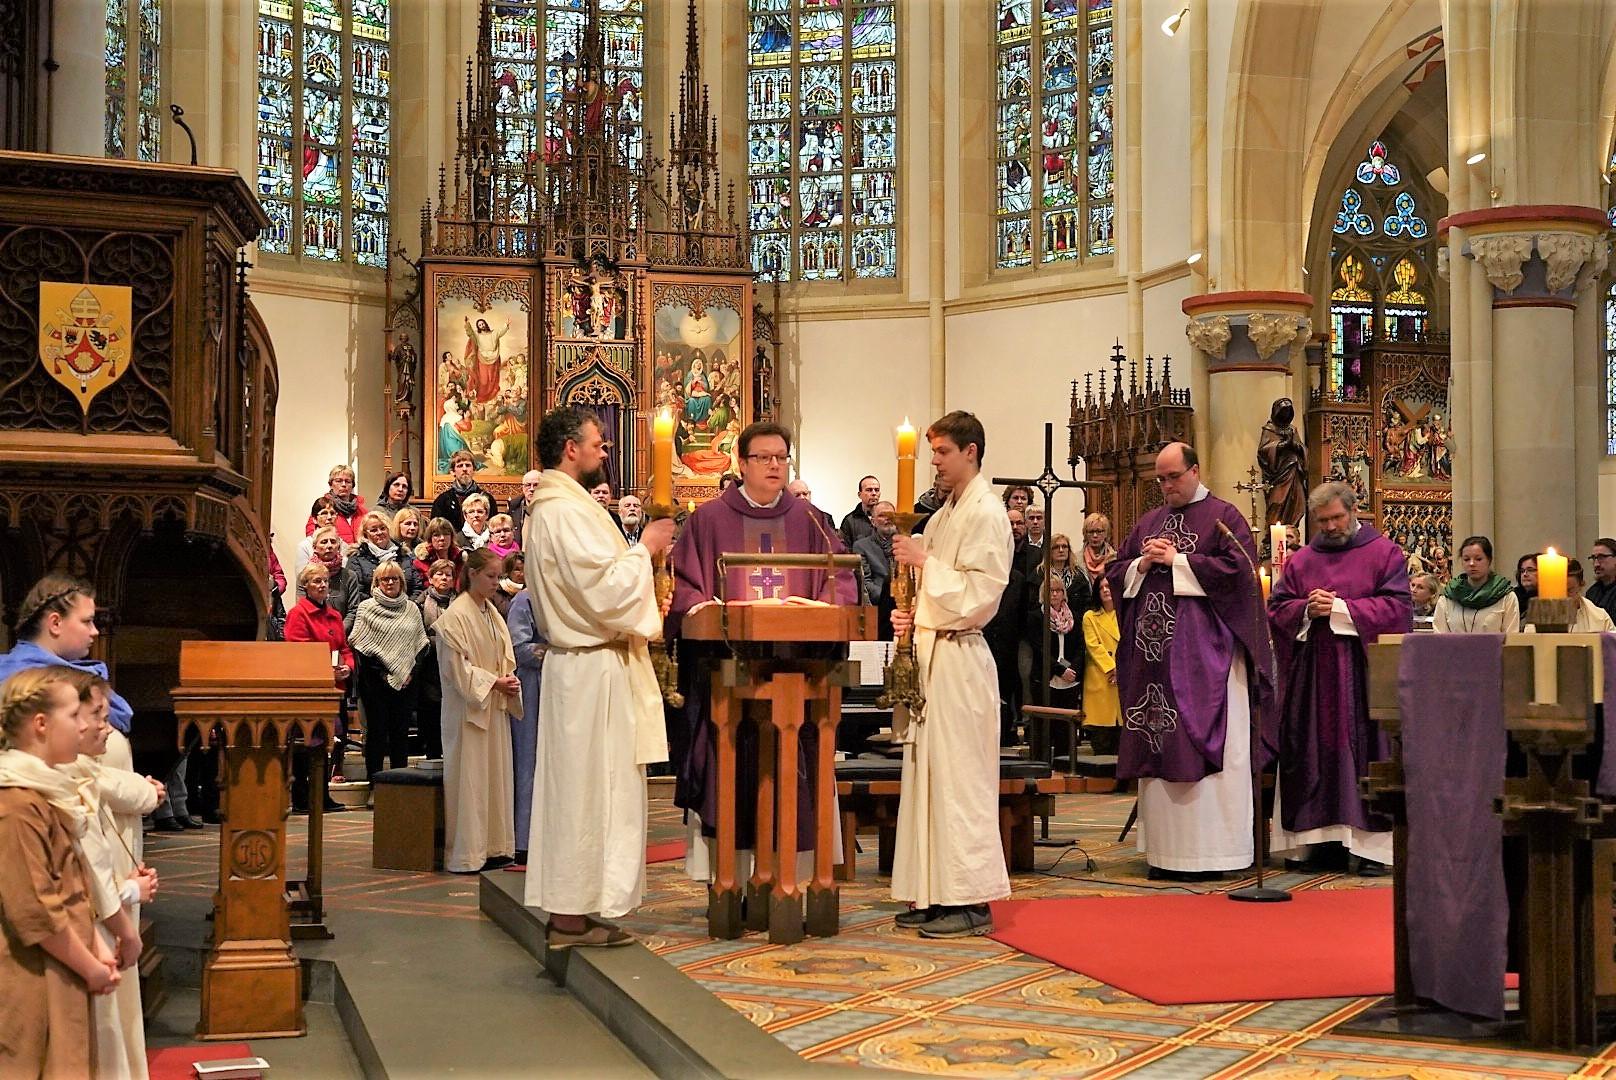 Das Evangelium liest Pastor Kosmann